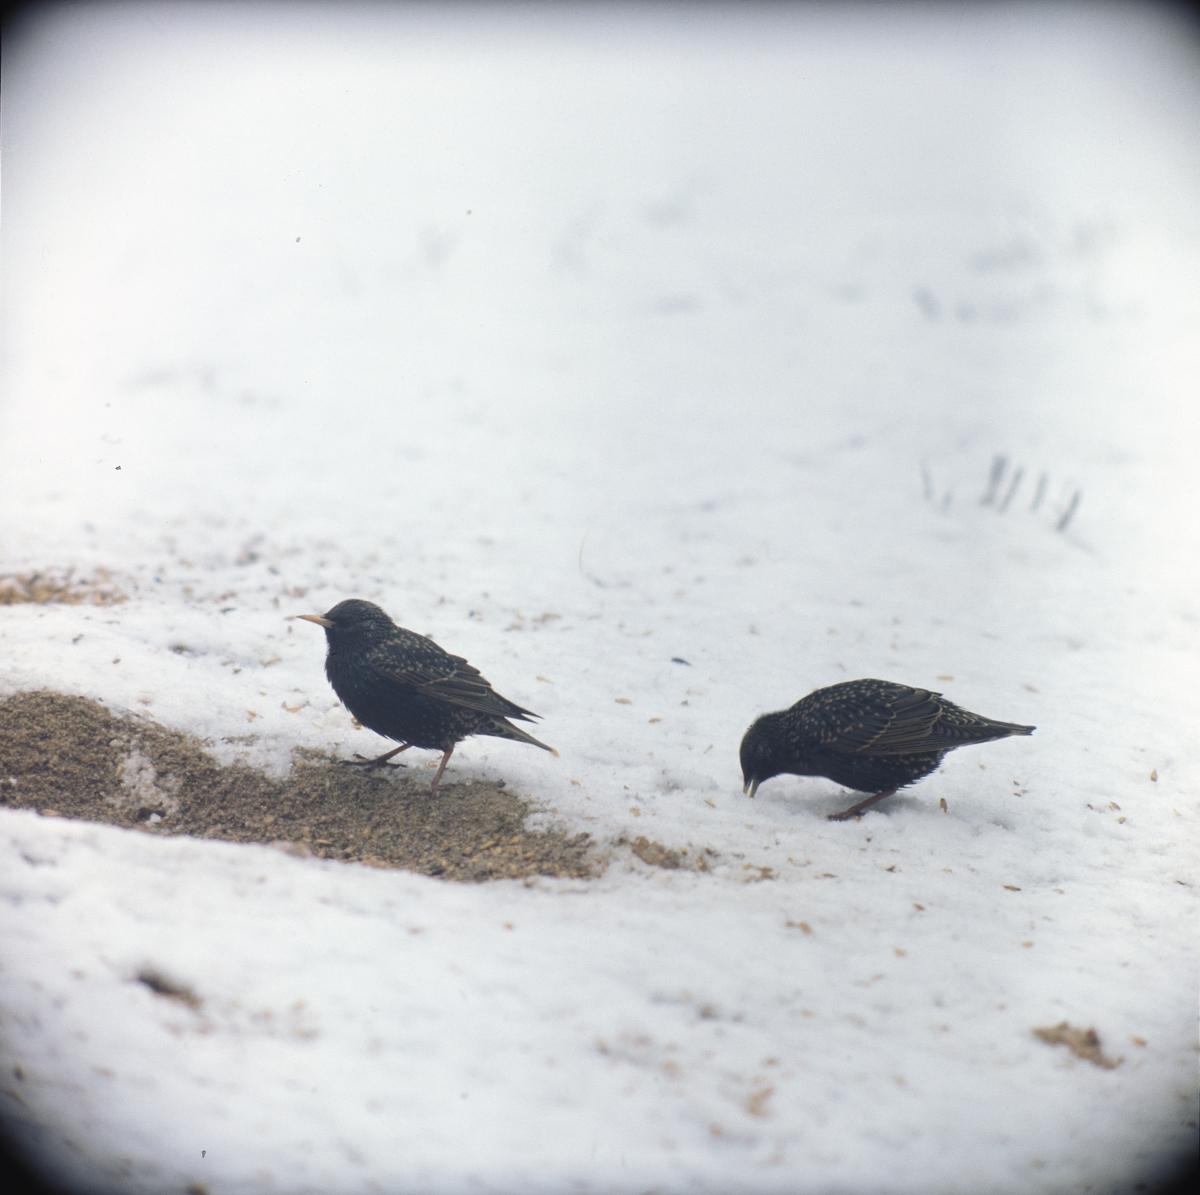 Två starar äter fågelfrön som ligger i snön.